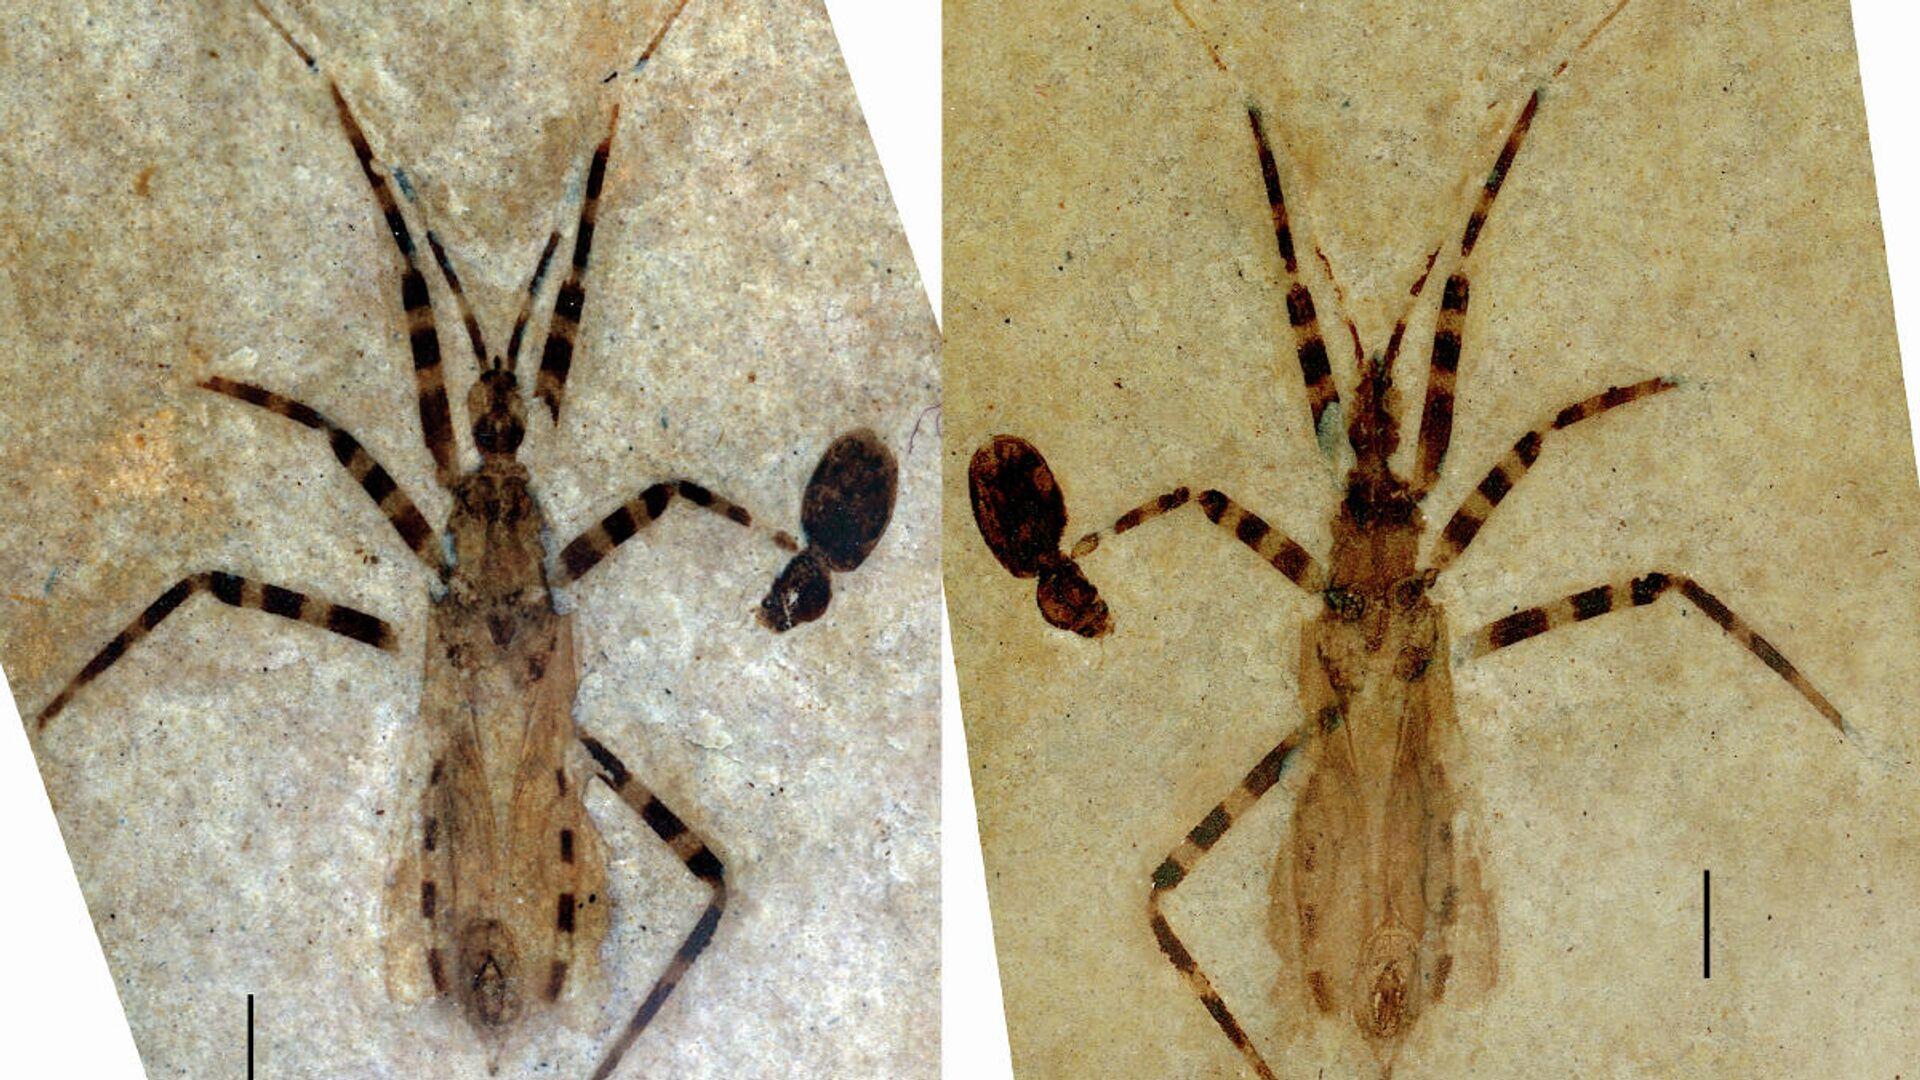 Жук-убийца Aphelicophontes danjuddi из формации Грин-Ривер в Колорадо - РИА Новости, 1920, 19.01.2021